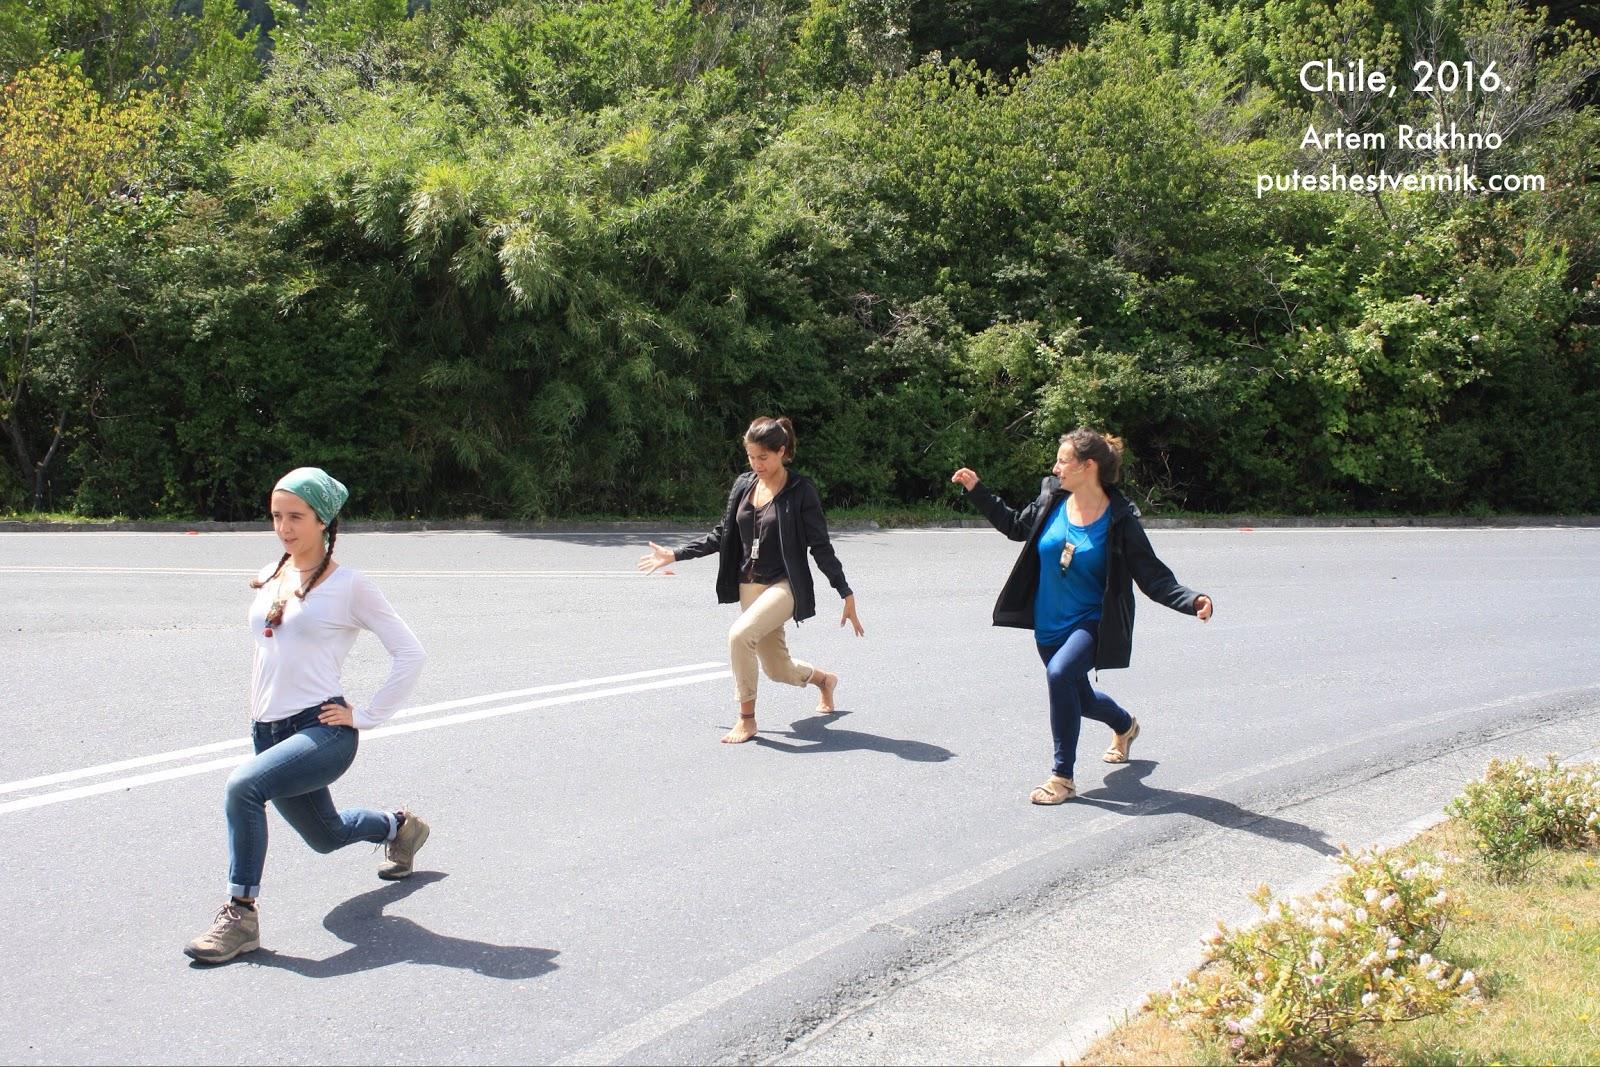 Француженки практикуют йогу на трассе